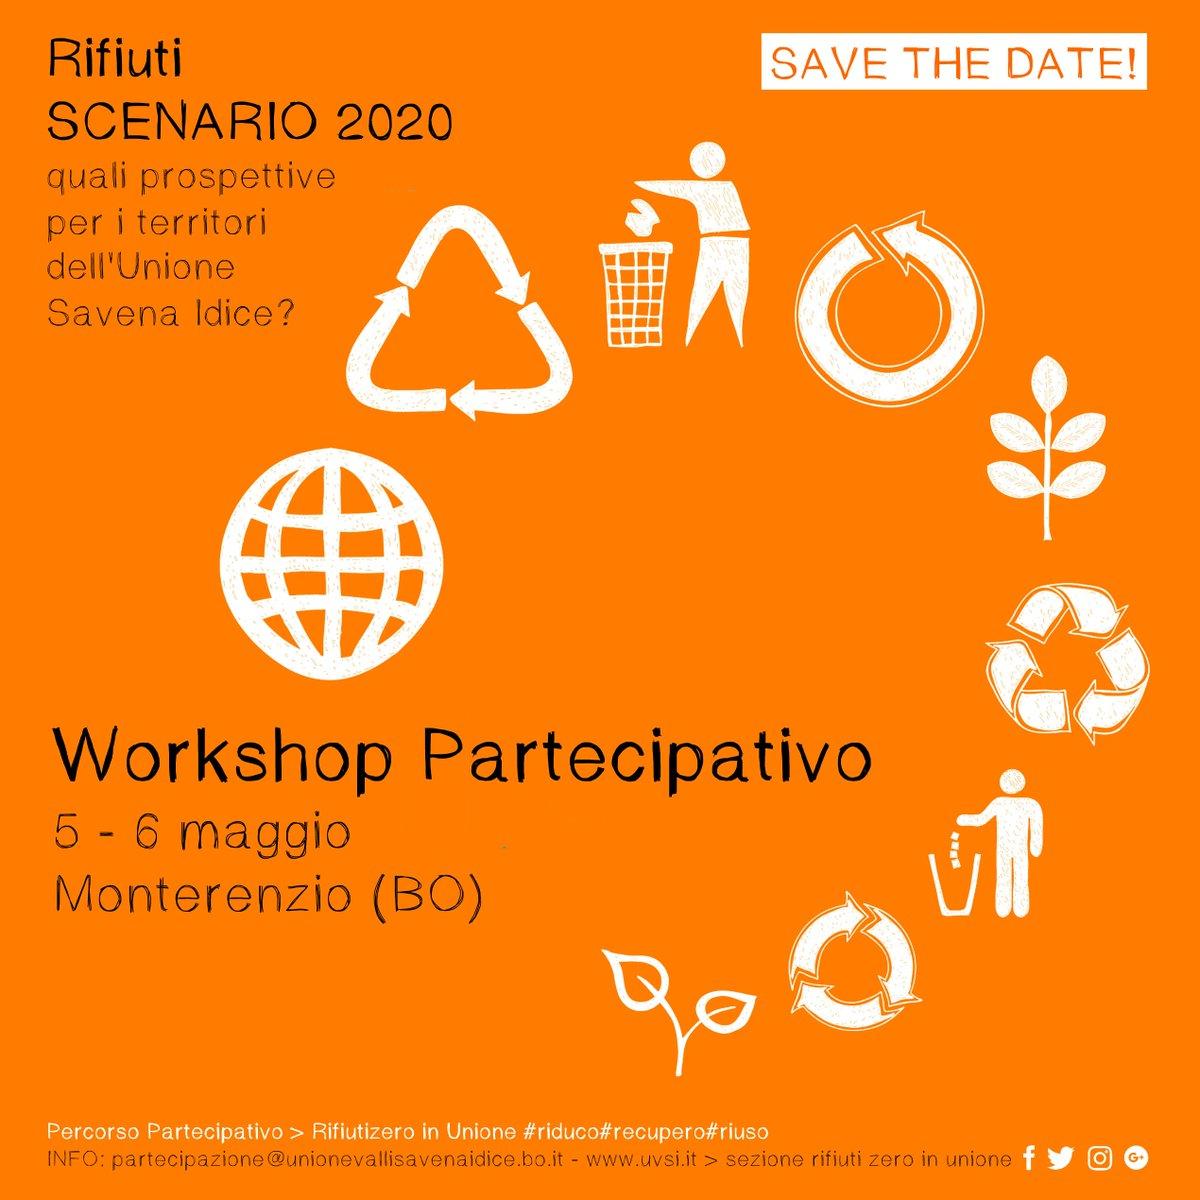 #Rifiuti #scenario 2020 #workshop #partecipativo a #Monterenzio &gt; #rifiutizero in unione #riduco #recupero #riuso 5-6 aprile save the date!<br>http://pic.twitter.com/njp9XrJaAe